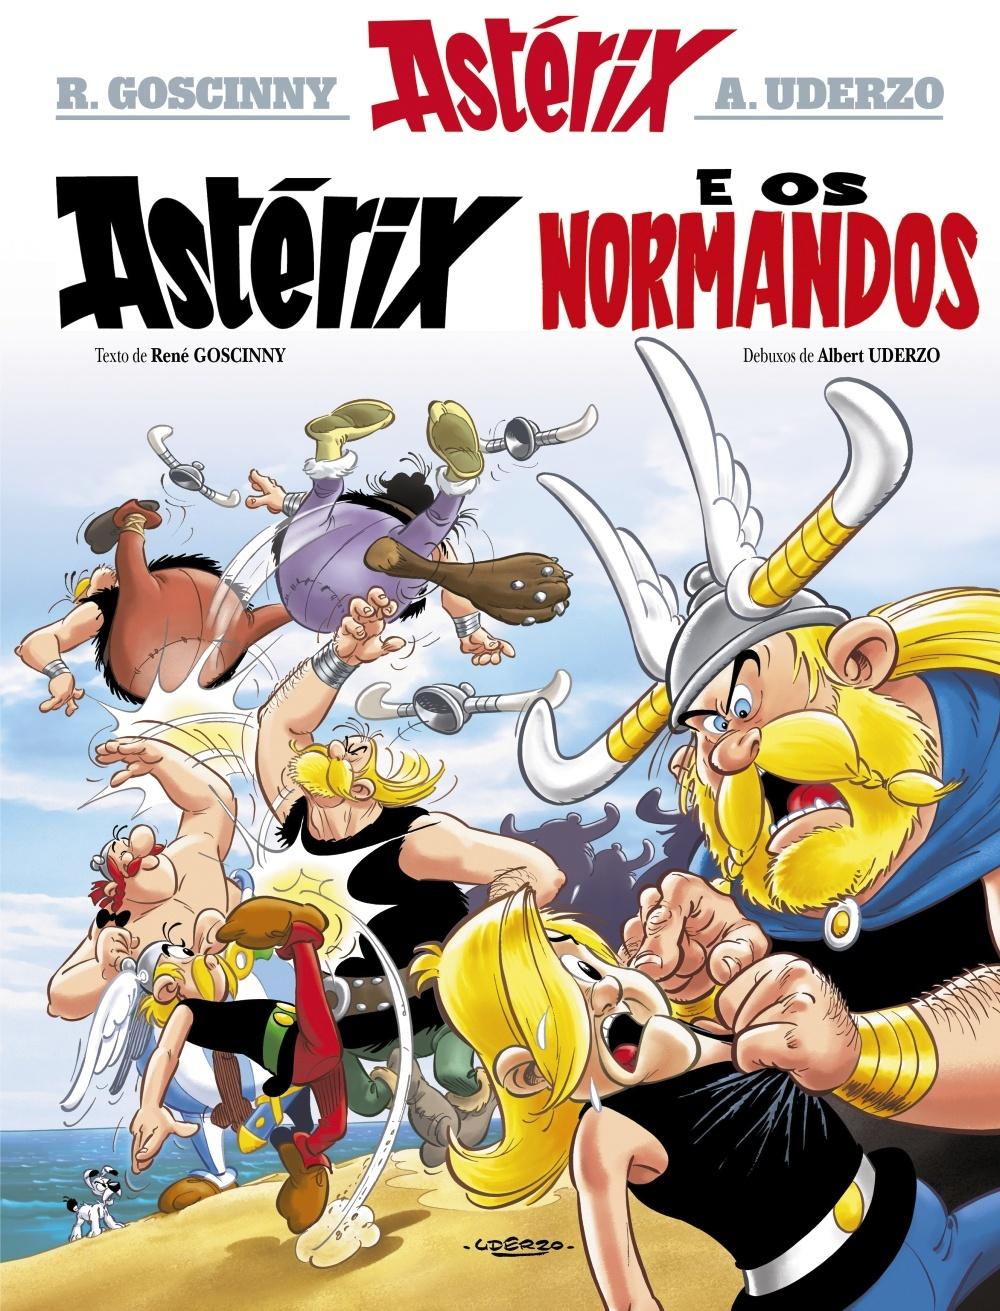 Astérix e os normandos